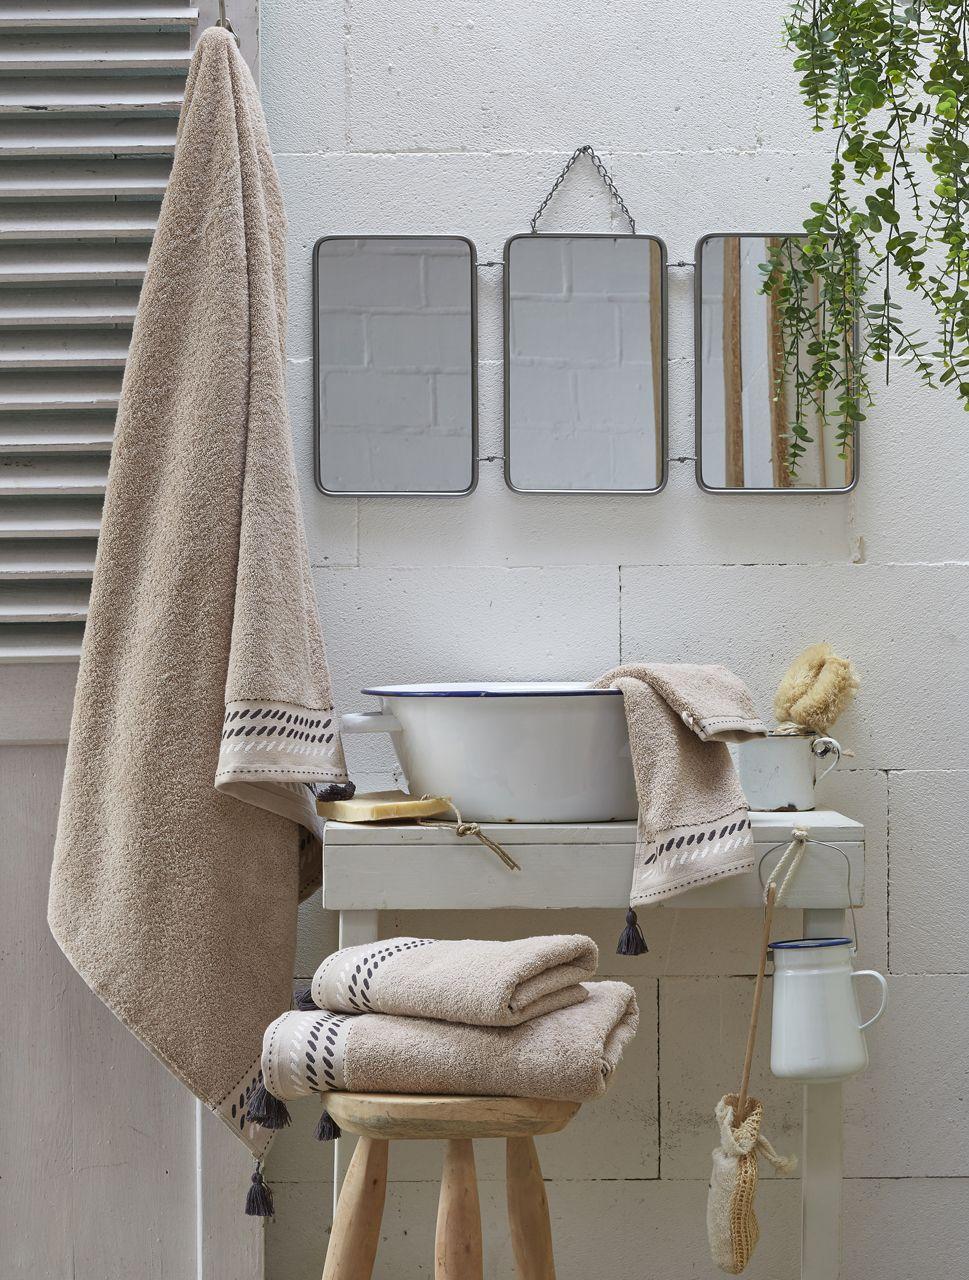 drap de bain ponge nuit berb re d sert pompons coton 100x150. Black Bedroom Furniture Sets. Home Design Ideas